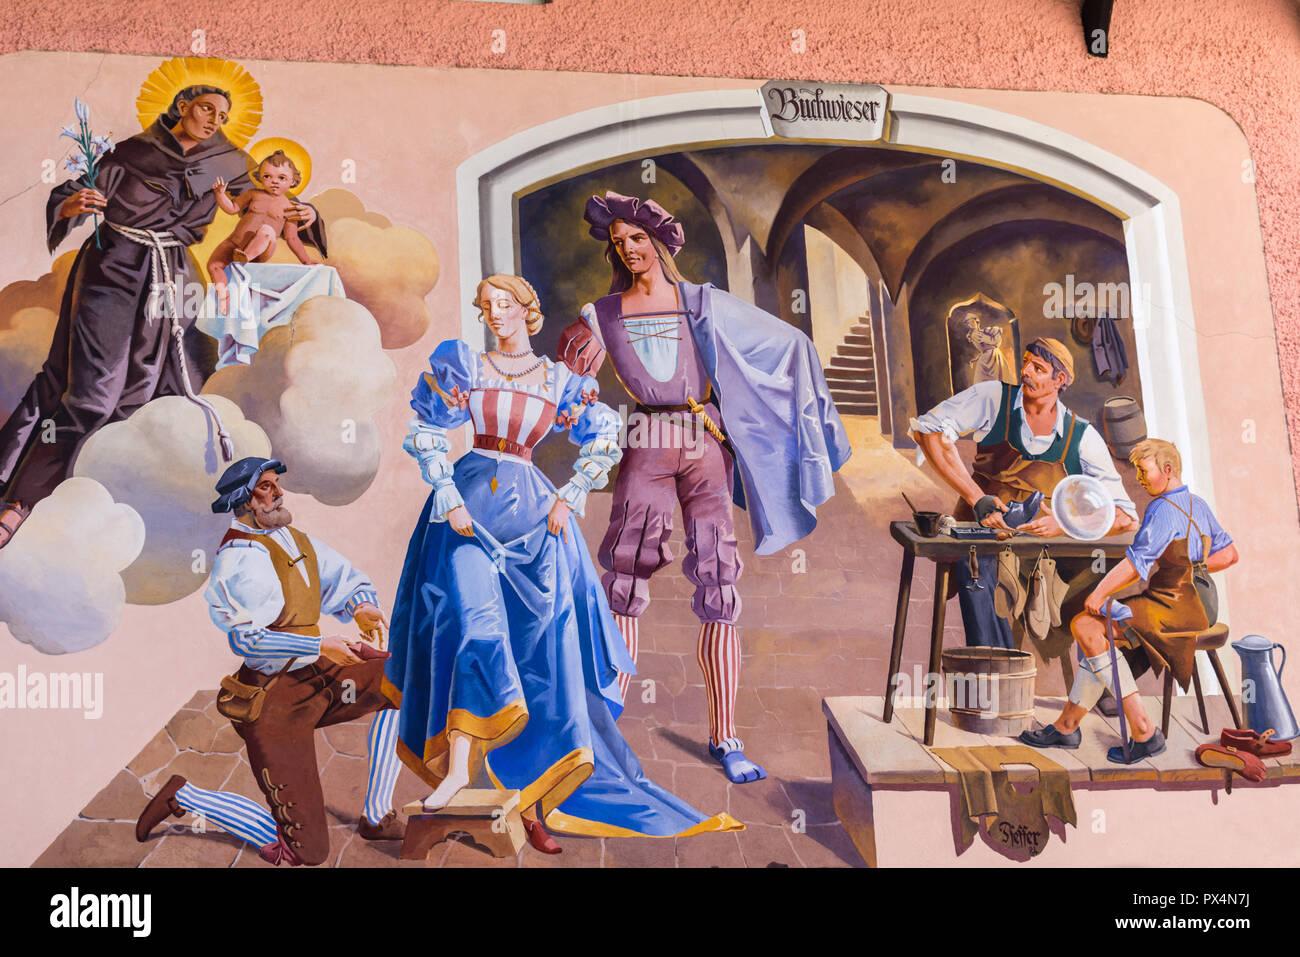 Luftlmalerei Oder An Die Wand Malen Garmisch Partenkirchen Bayern